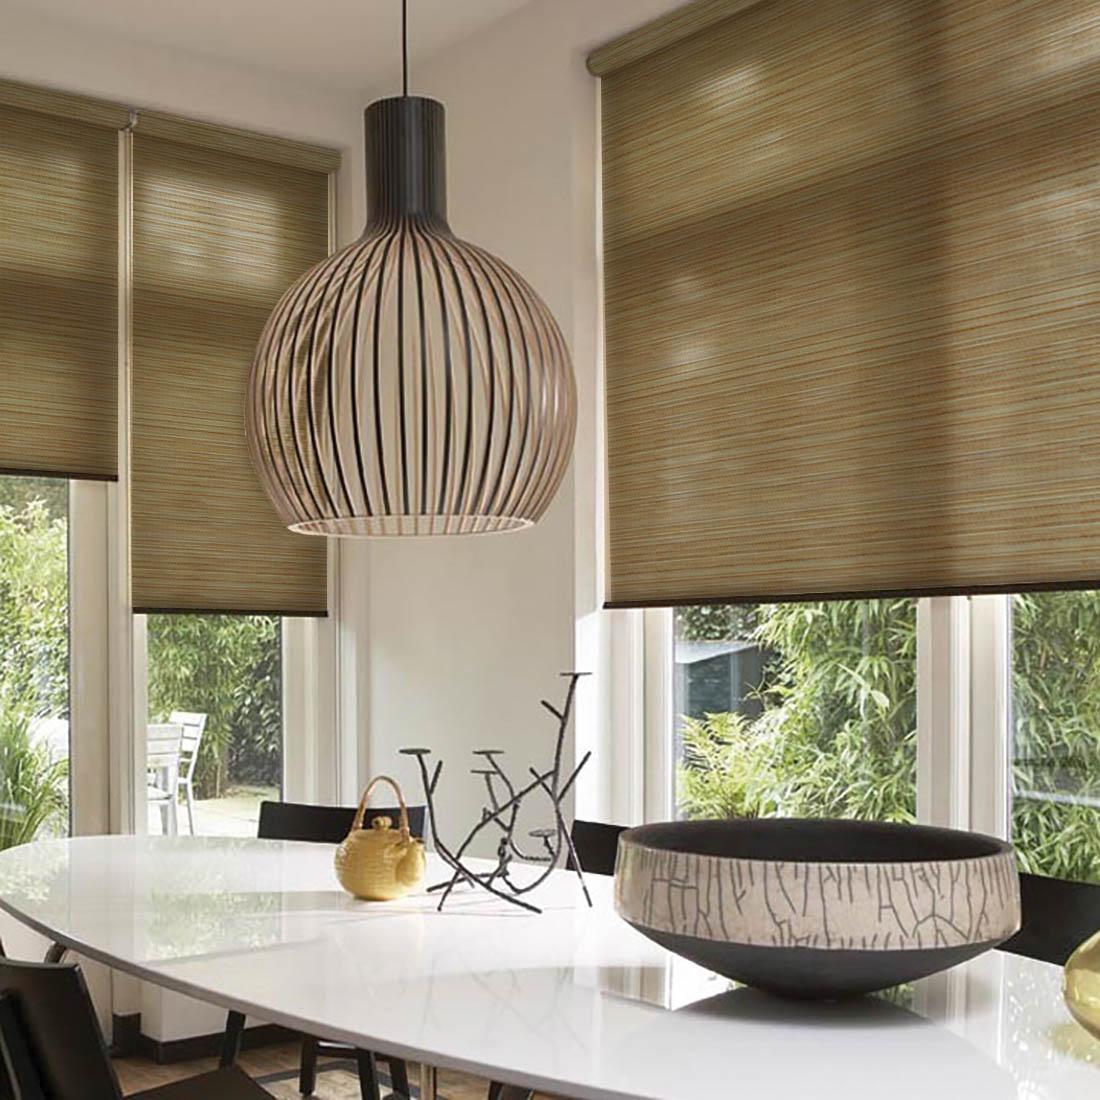 Шторы из бамбука – оригинальный современный аксессуар для создания необычного интерьера в восточном или минималистичном стиле. Особенность устройства полотна позволяет свободно пропускать дневной свет, что обеспечивает мягкое освещение комнаты. Это натуральный влагостойкий материал, который легко вписывается в любой интерьер, хорошо сочетается с различной мебелью и элементами отделки. Использование бамбукового полотна придает помещению необычный вид и визуально расширяет пространство. Кронштейны - специальные крючки-держатели, которые крепятся на поверхность, а на них крепится штора. Такой вид крепления обычно используется для рулонных, французских, римских или австрийских штор. Кронштейны держат конструкцию из вала (карниза), на котором находится полотно, и механизма подъема/опускания шторы.ВНИМАНИЕ! Комплектация штор может отличаться от представленной на фотографии. Фактическая комплектация указана в описании изделия.Производитель: Dome. Cтрана бренда: Дания.Рулонные шторы. Материал портьеры: Бамбук. Состав портьеры: бамбуковое волокно с нитью из полиэстера. Размер портьеры: 57 х172 см. (1 шт.). Вид крепления: Кронштейны. Тип карниза: Без использования карниза. Рекомендуемая ширина карниза (см.): 55-110 Светозащита 55-85%.В комплект входят: - Крепления на отрытую створку окна.- Кронштейны для вала со шторкой. - Вал с тканью (шторка). - Цепочка для регулирования шторы.- Утяжелитель для шторки. Крепление на глухую створку, направляющие, фиксатор для цепочного механизма - приобретаются отдельно. Максимальный размер карниза, указанный в описании, предполагает, что Вы будете использовать 2 полотна на одно окно. Обратите внимание на информацию о том, сколько полотен входит в данный комплект изначально. Зачастую шторы продаются по одному полотну, чтобы дать возможность подобрать изделия в желаемом цвете и стиле, создавая свое неповторимое сочетание.Комплектация: 1 портьера, крепления на отрытую створку окна, кронштейны для вала со шторкой, цепочка для регулирования шторы